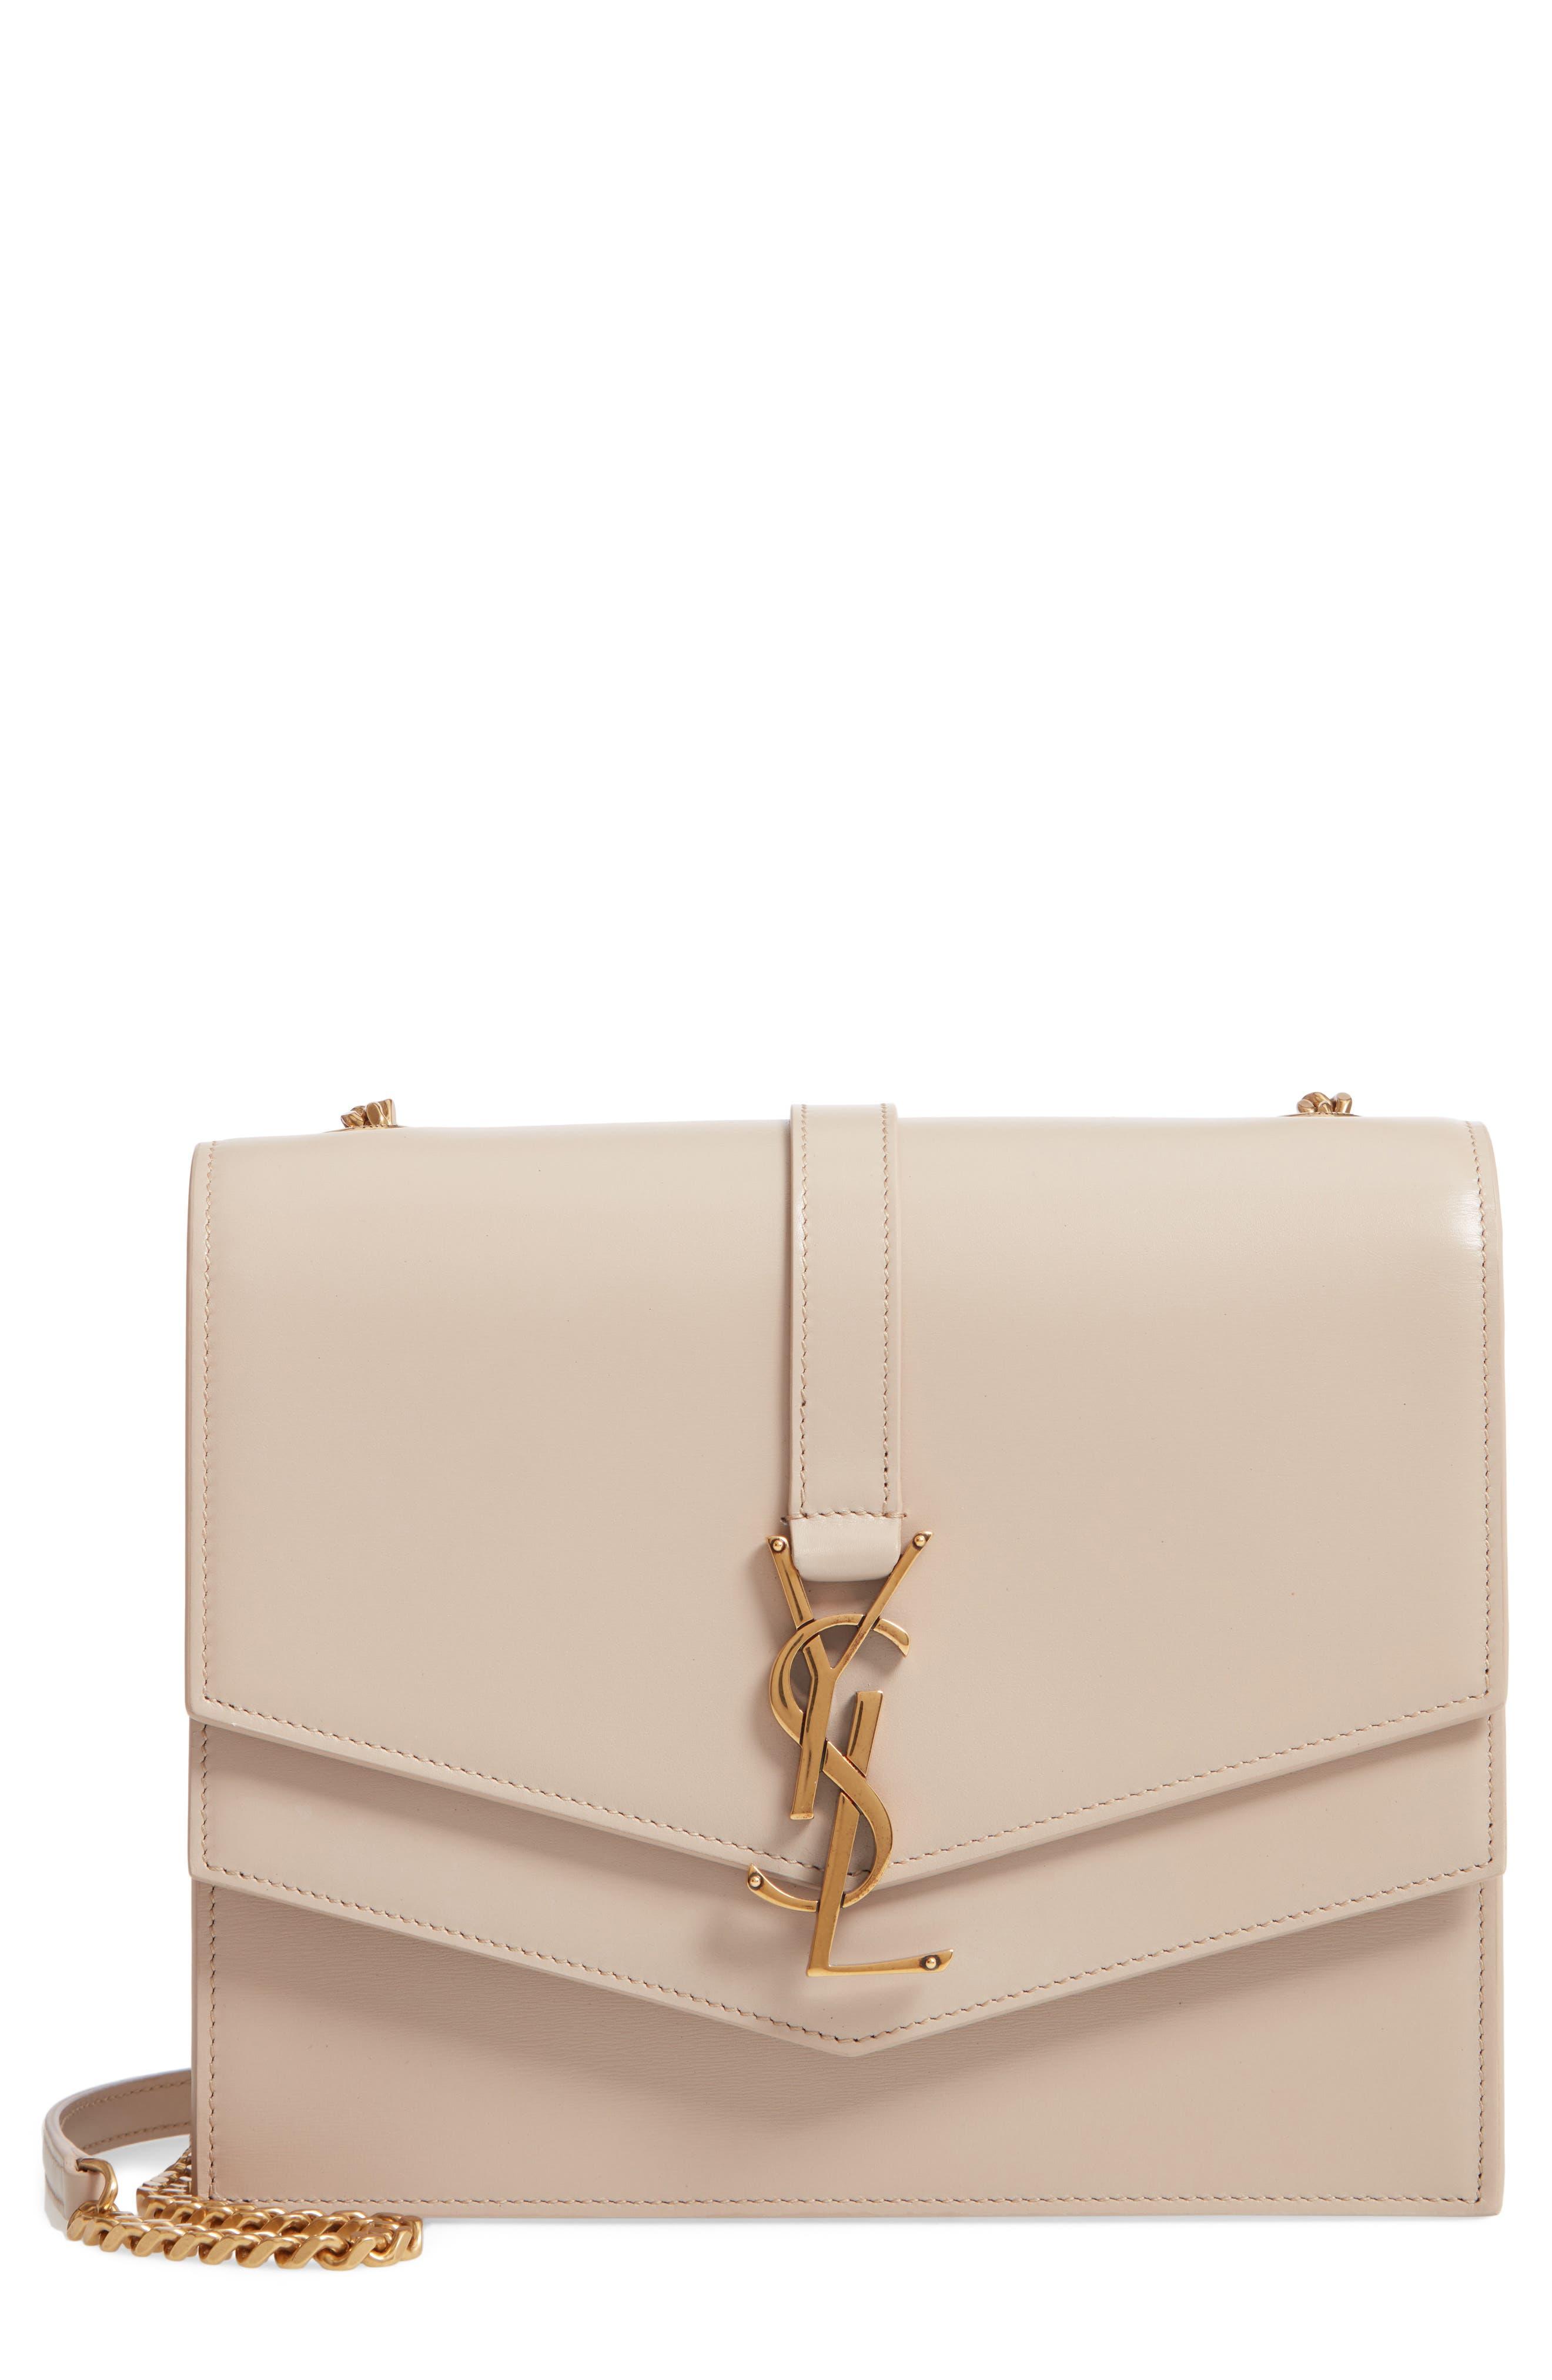 Sulpice Leather Shoulder Bag,                         Main,                         color, LIGHT NATURAL